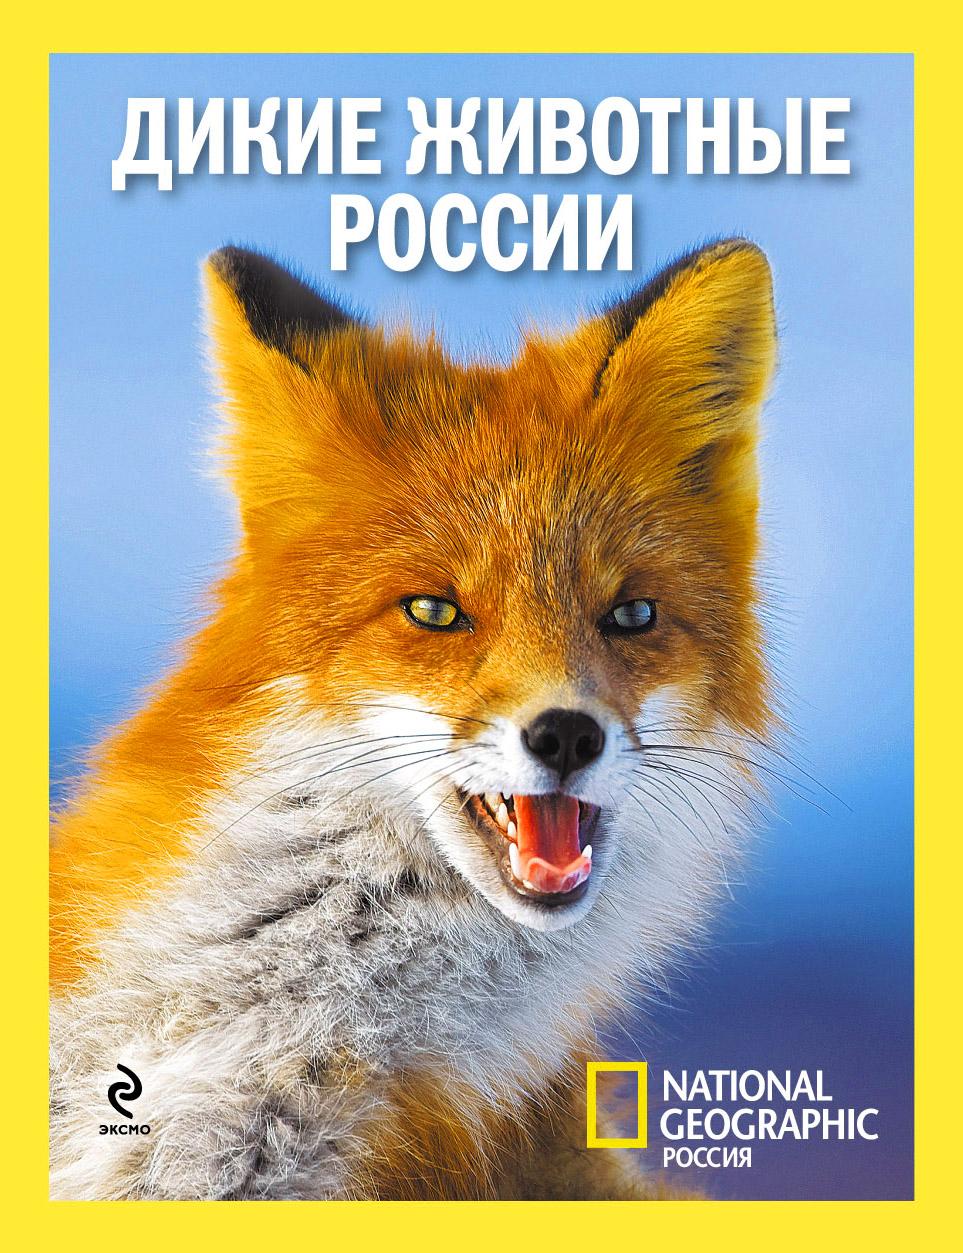 Дикие животные России